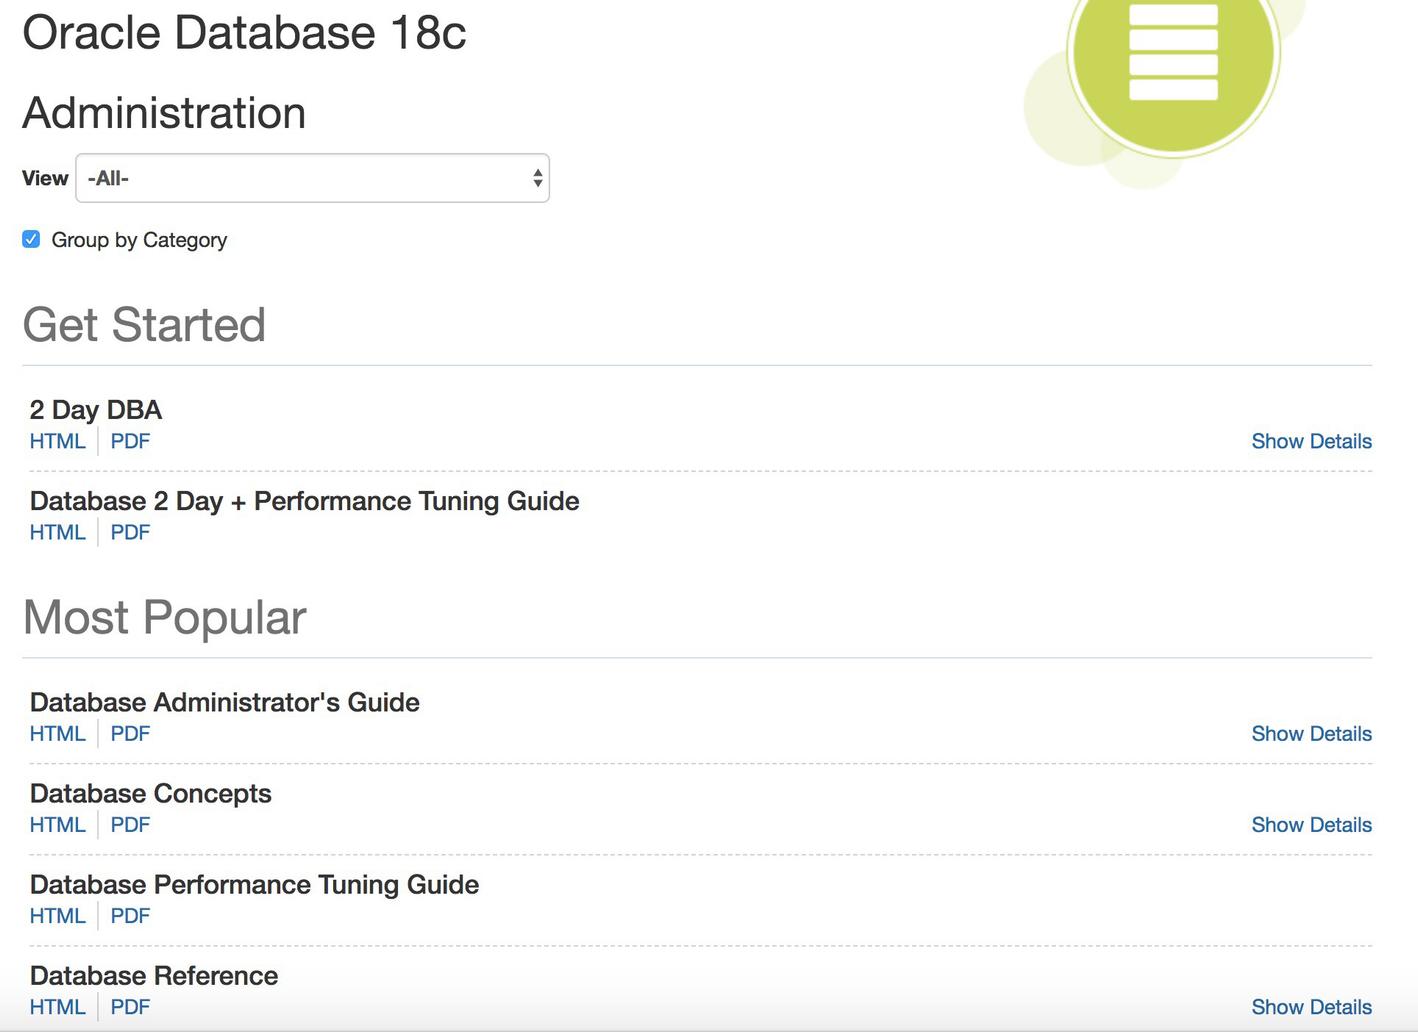 Oracle Documentation | SpringerLink